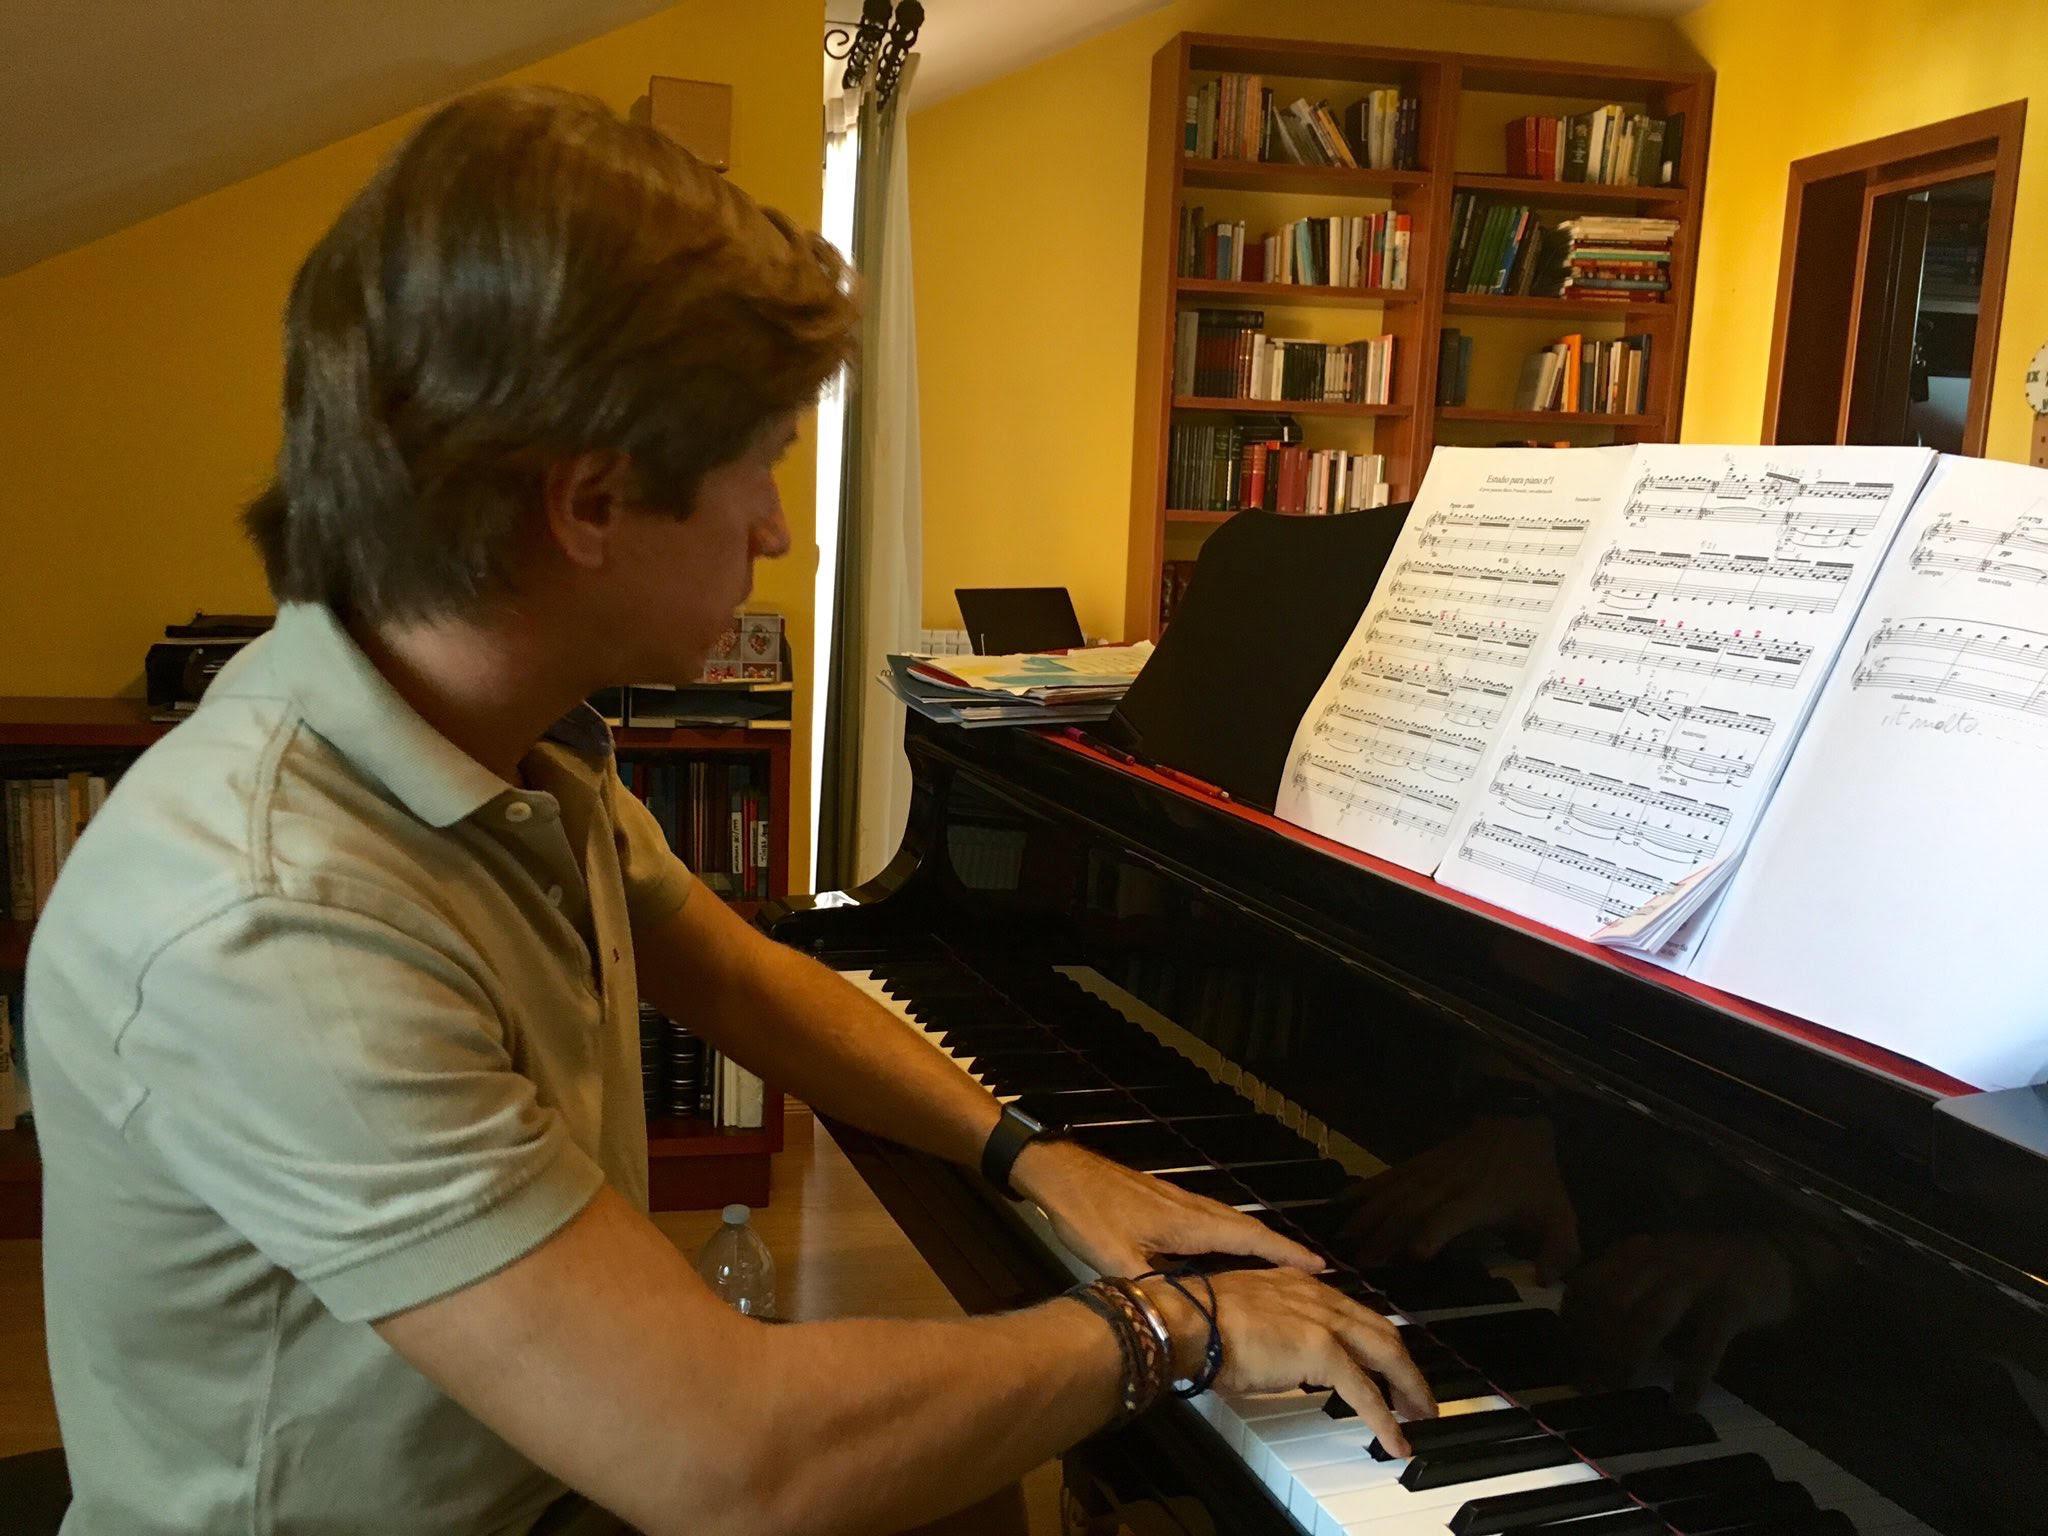 Mario Prisuelos durante los ensayos de mi obra. - Imágenes - Fernando Lázaro, Compositor y Pianista